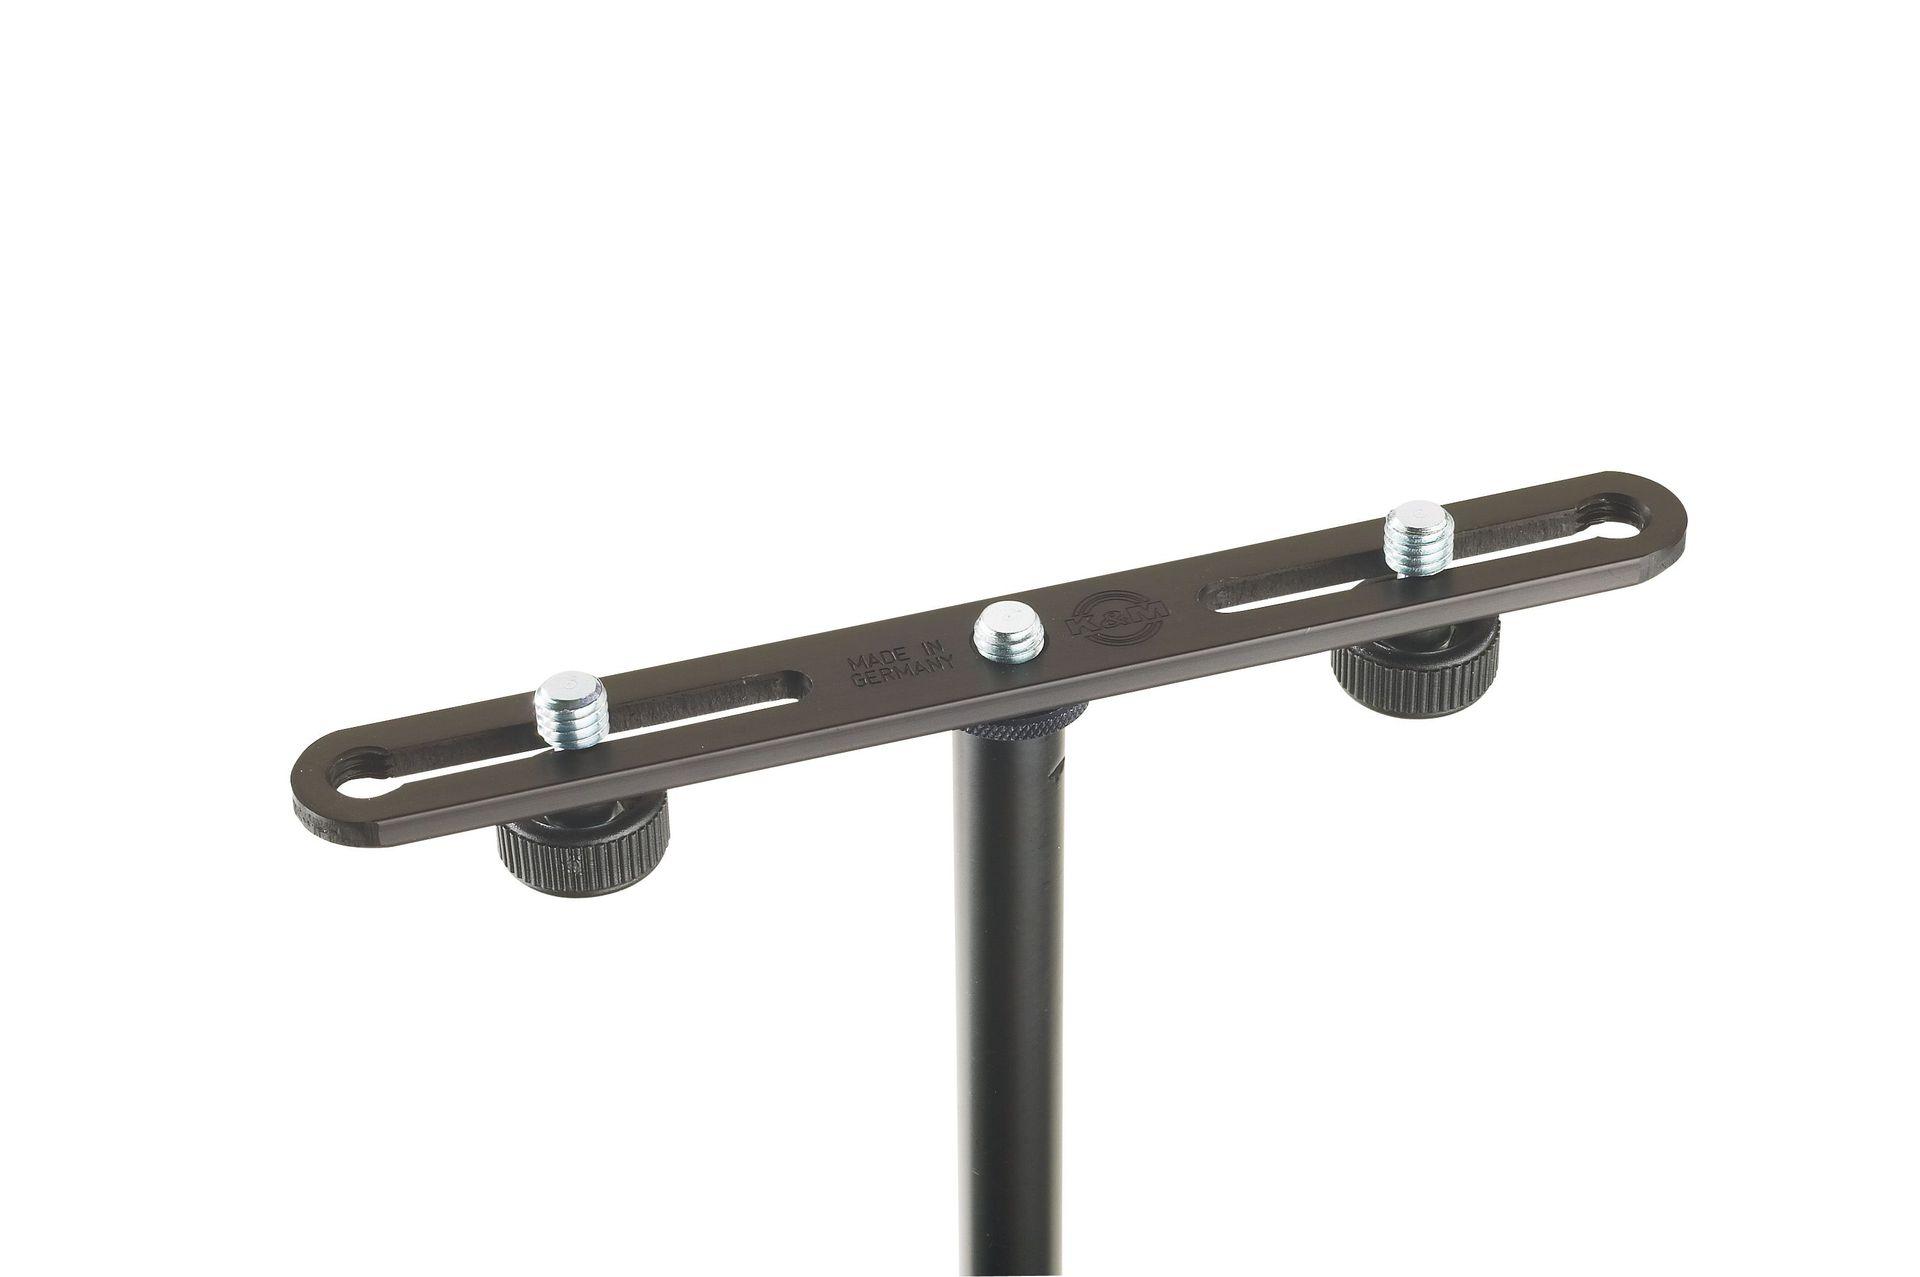 K&M 23550 Ergänzungsschiene, Stereoschiene für 2 Mikrofone, 200mm lang